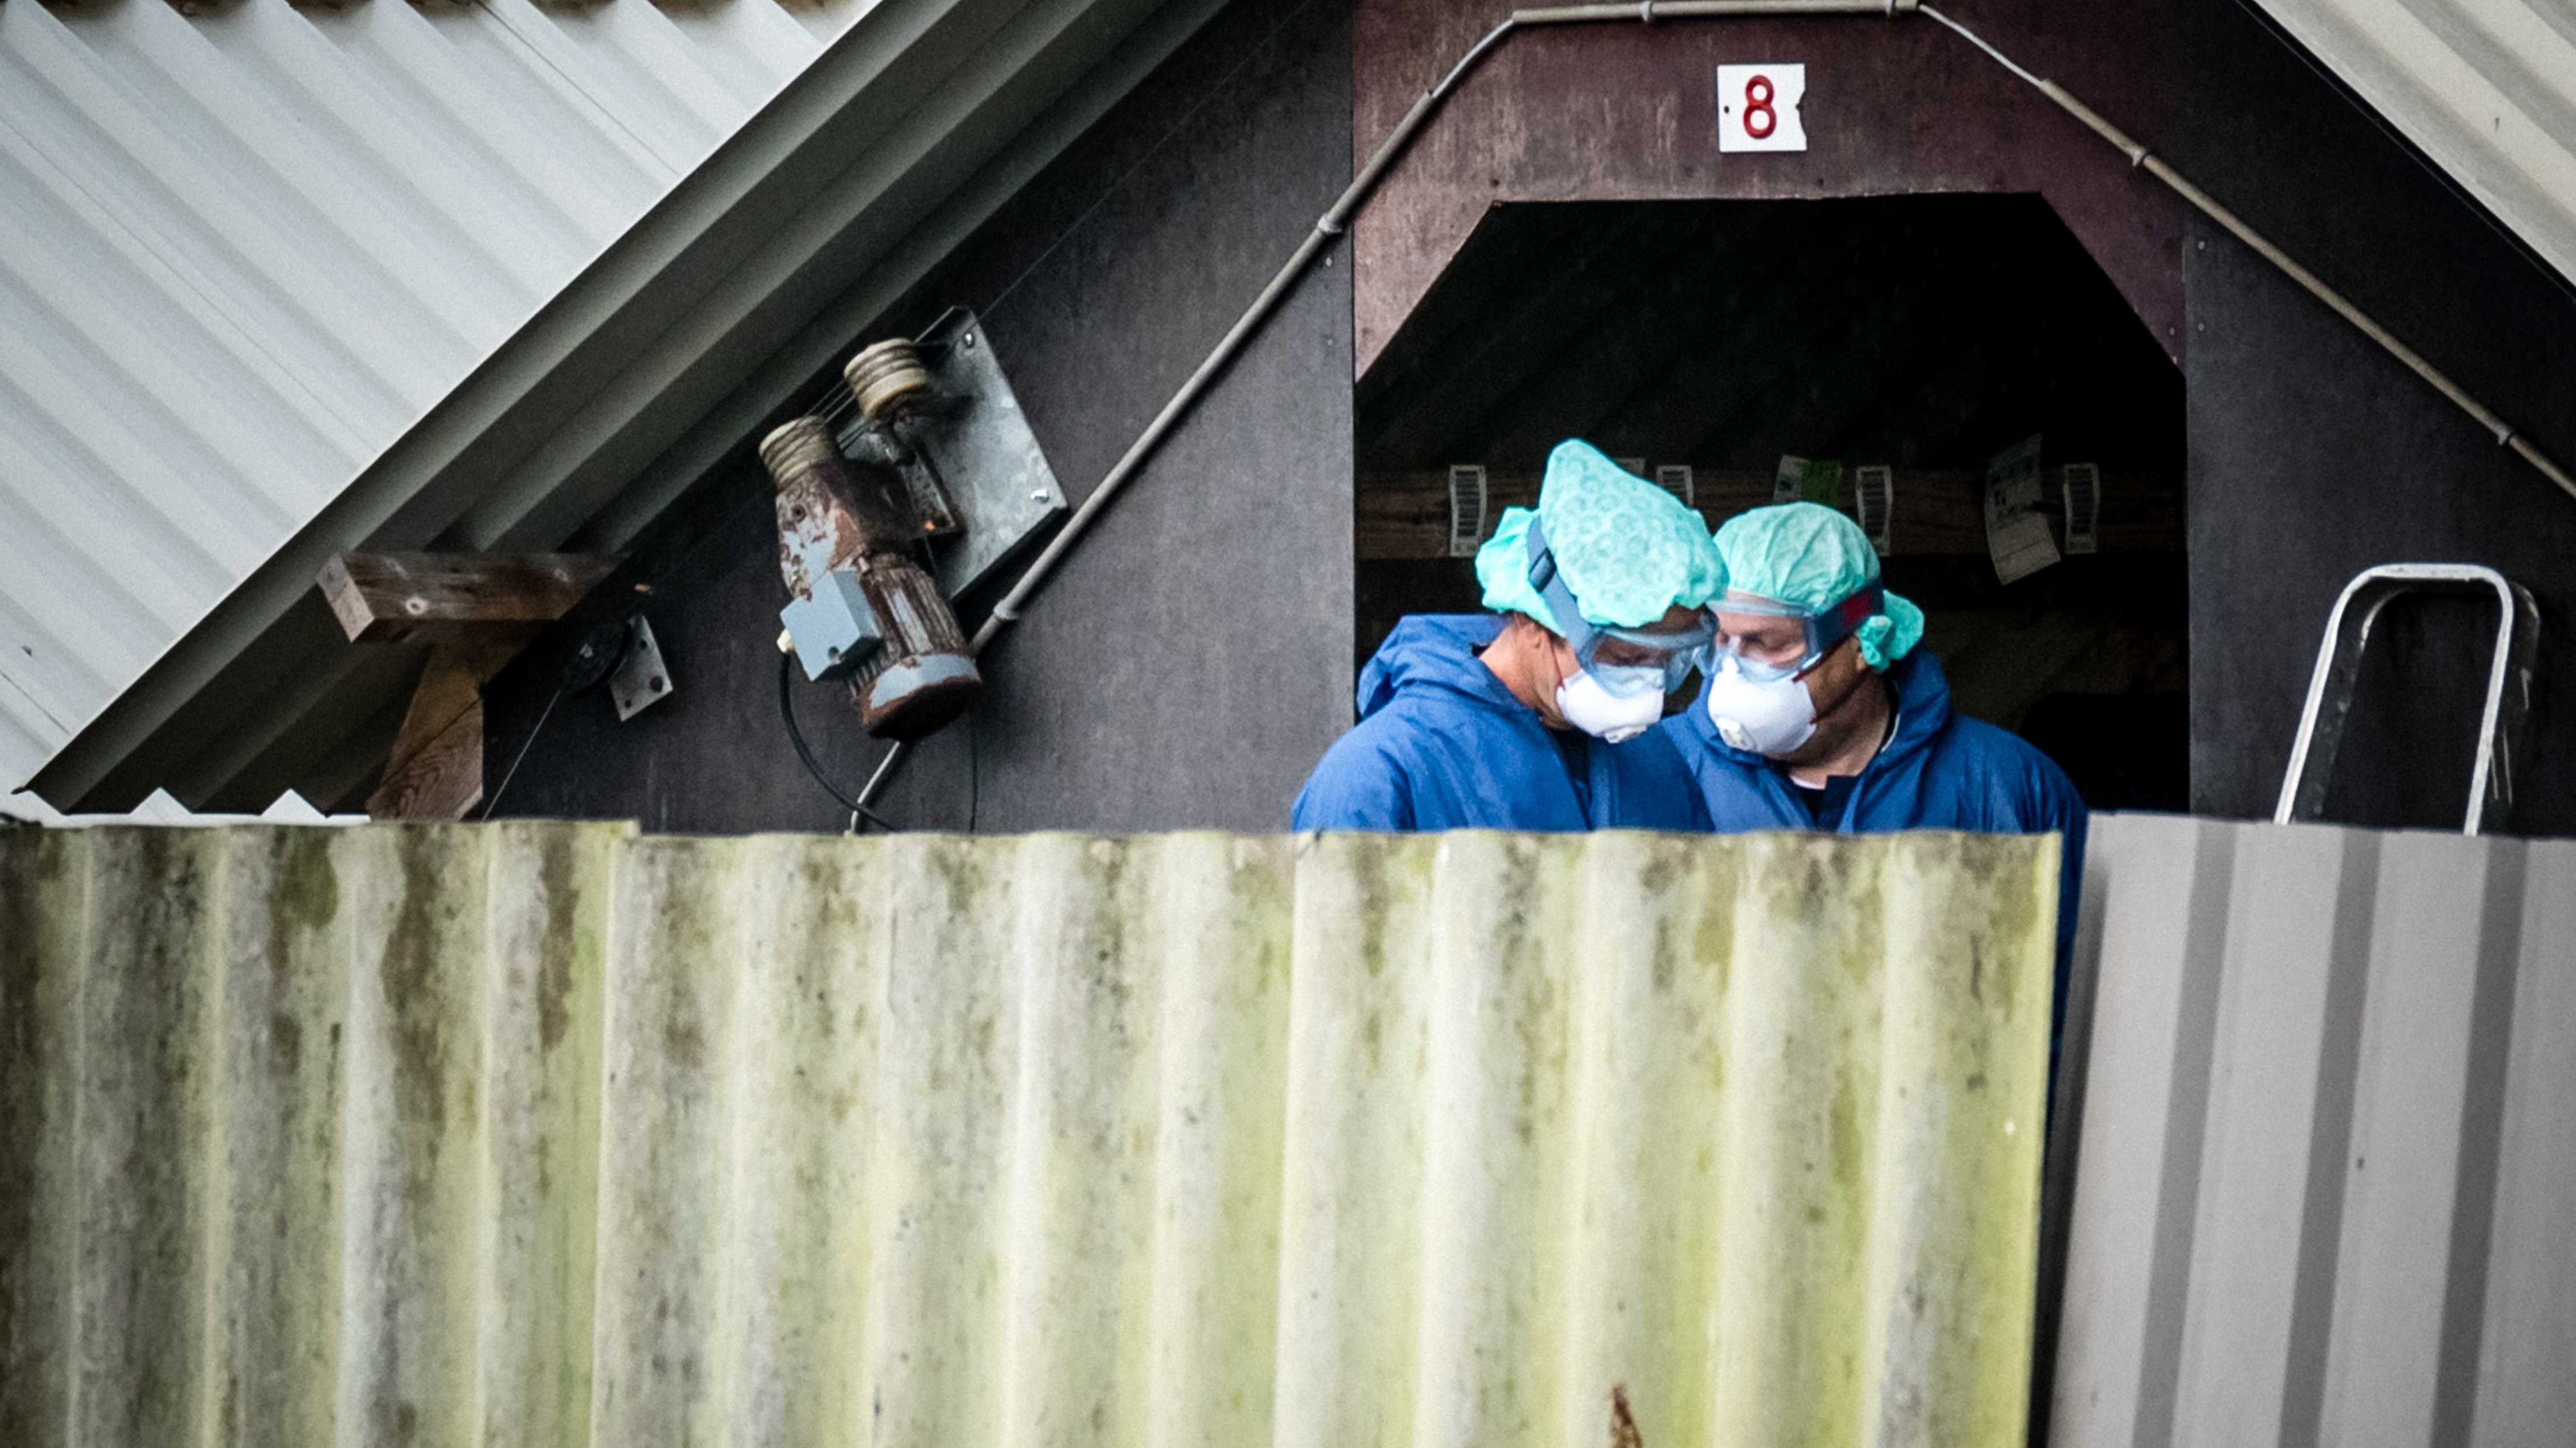 Zwei Männer in blauer Schutzkleidung und Atemschutzmasken vor dem Eingang einer Nerzfarm